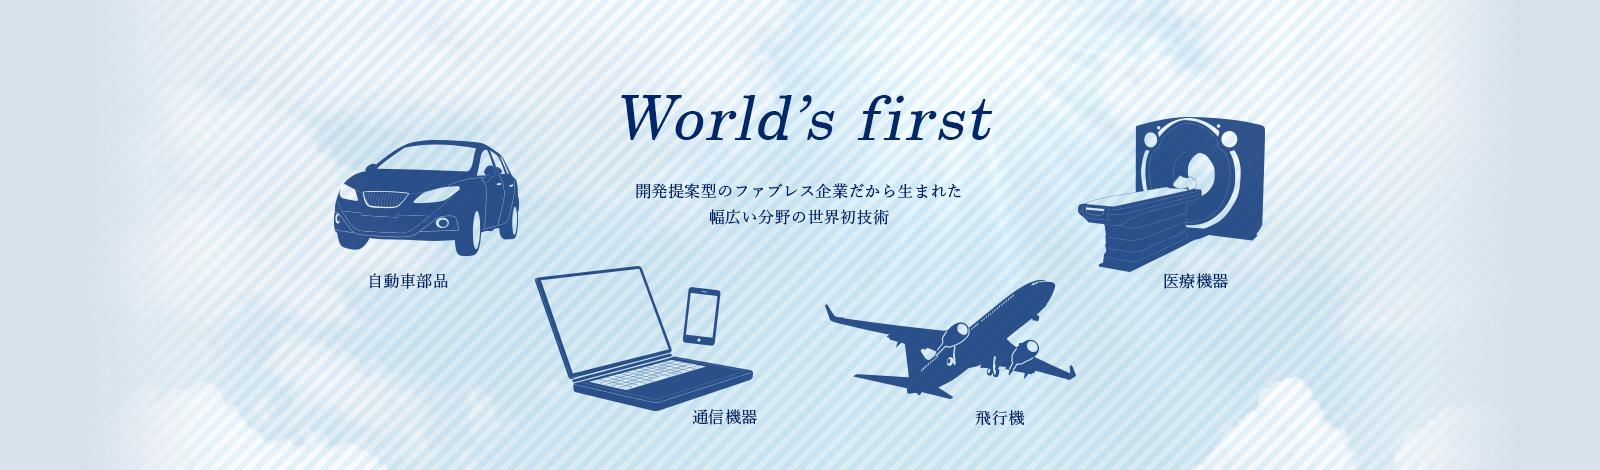 Woorld's first 開発提案型のファブレス企業だから生まれた幅広い分野の世界新技術